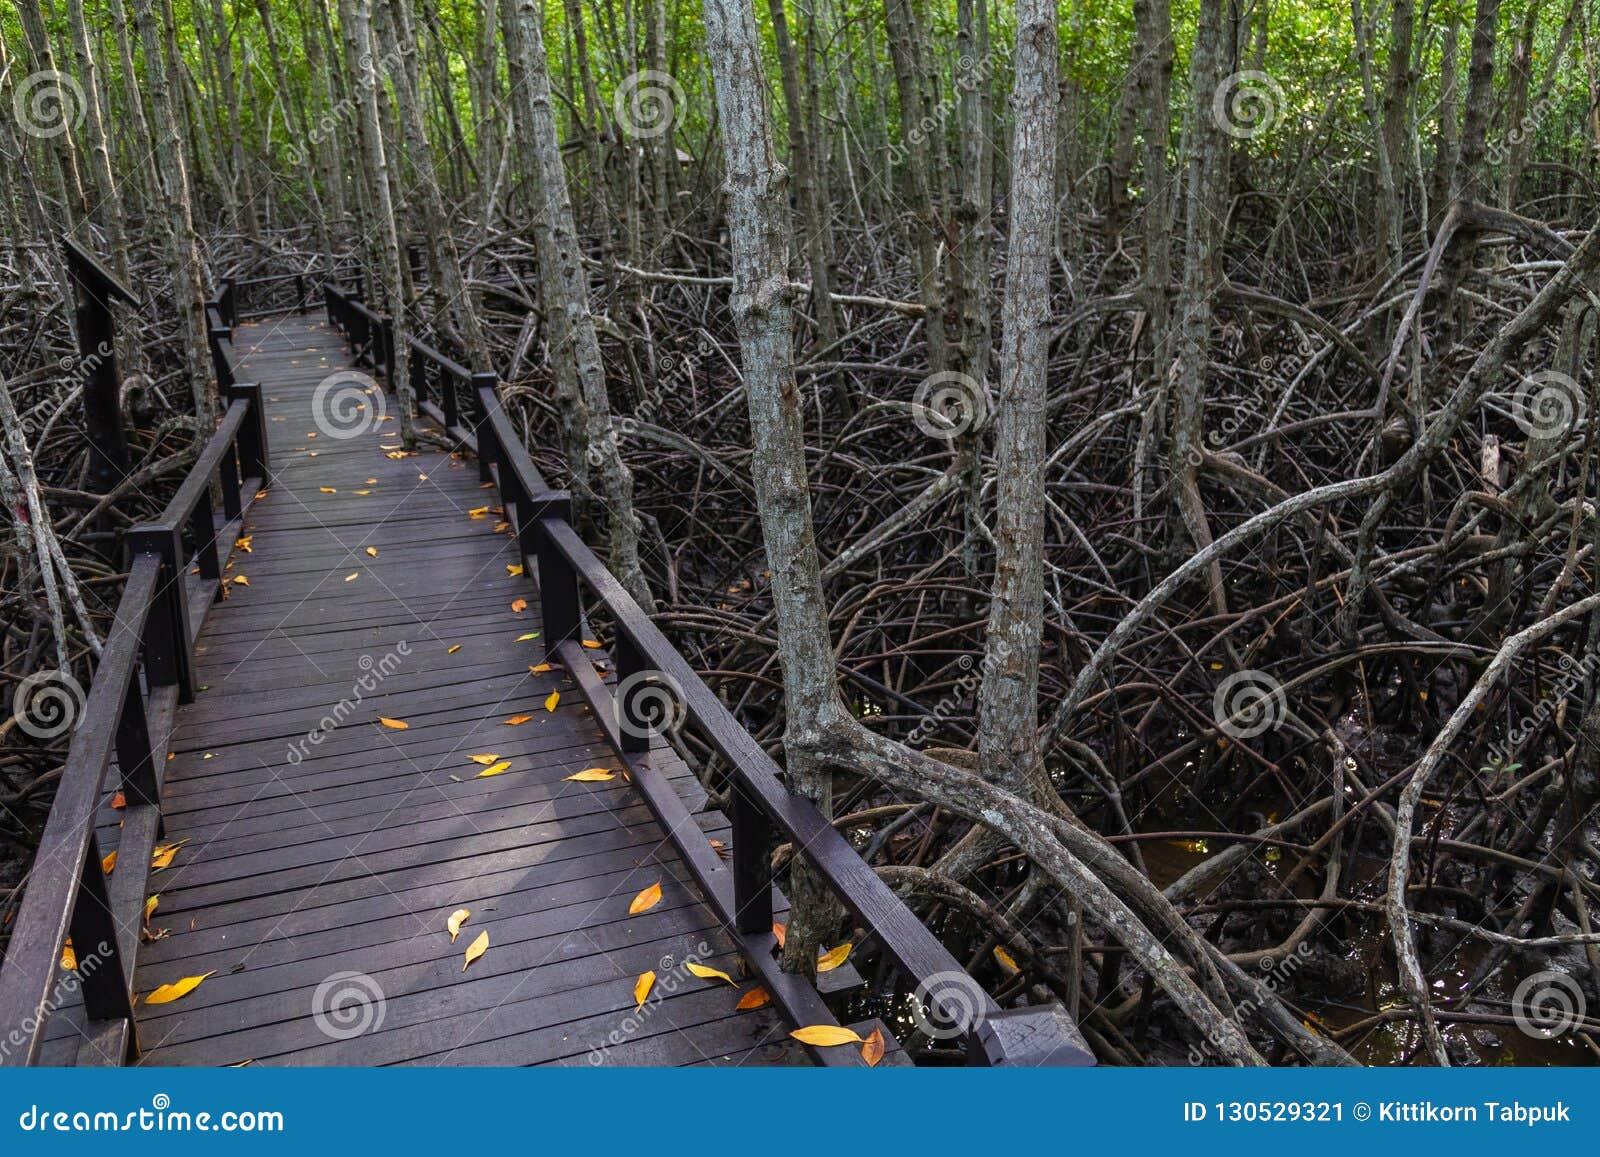 Η διάβαση πεζών στην ξύλινη γέφυρα στο δάσος